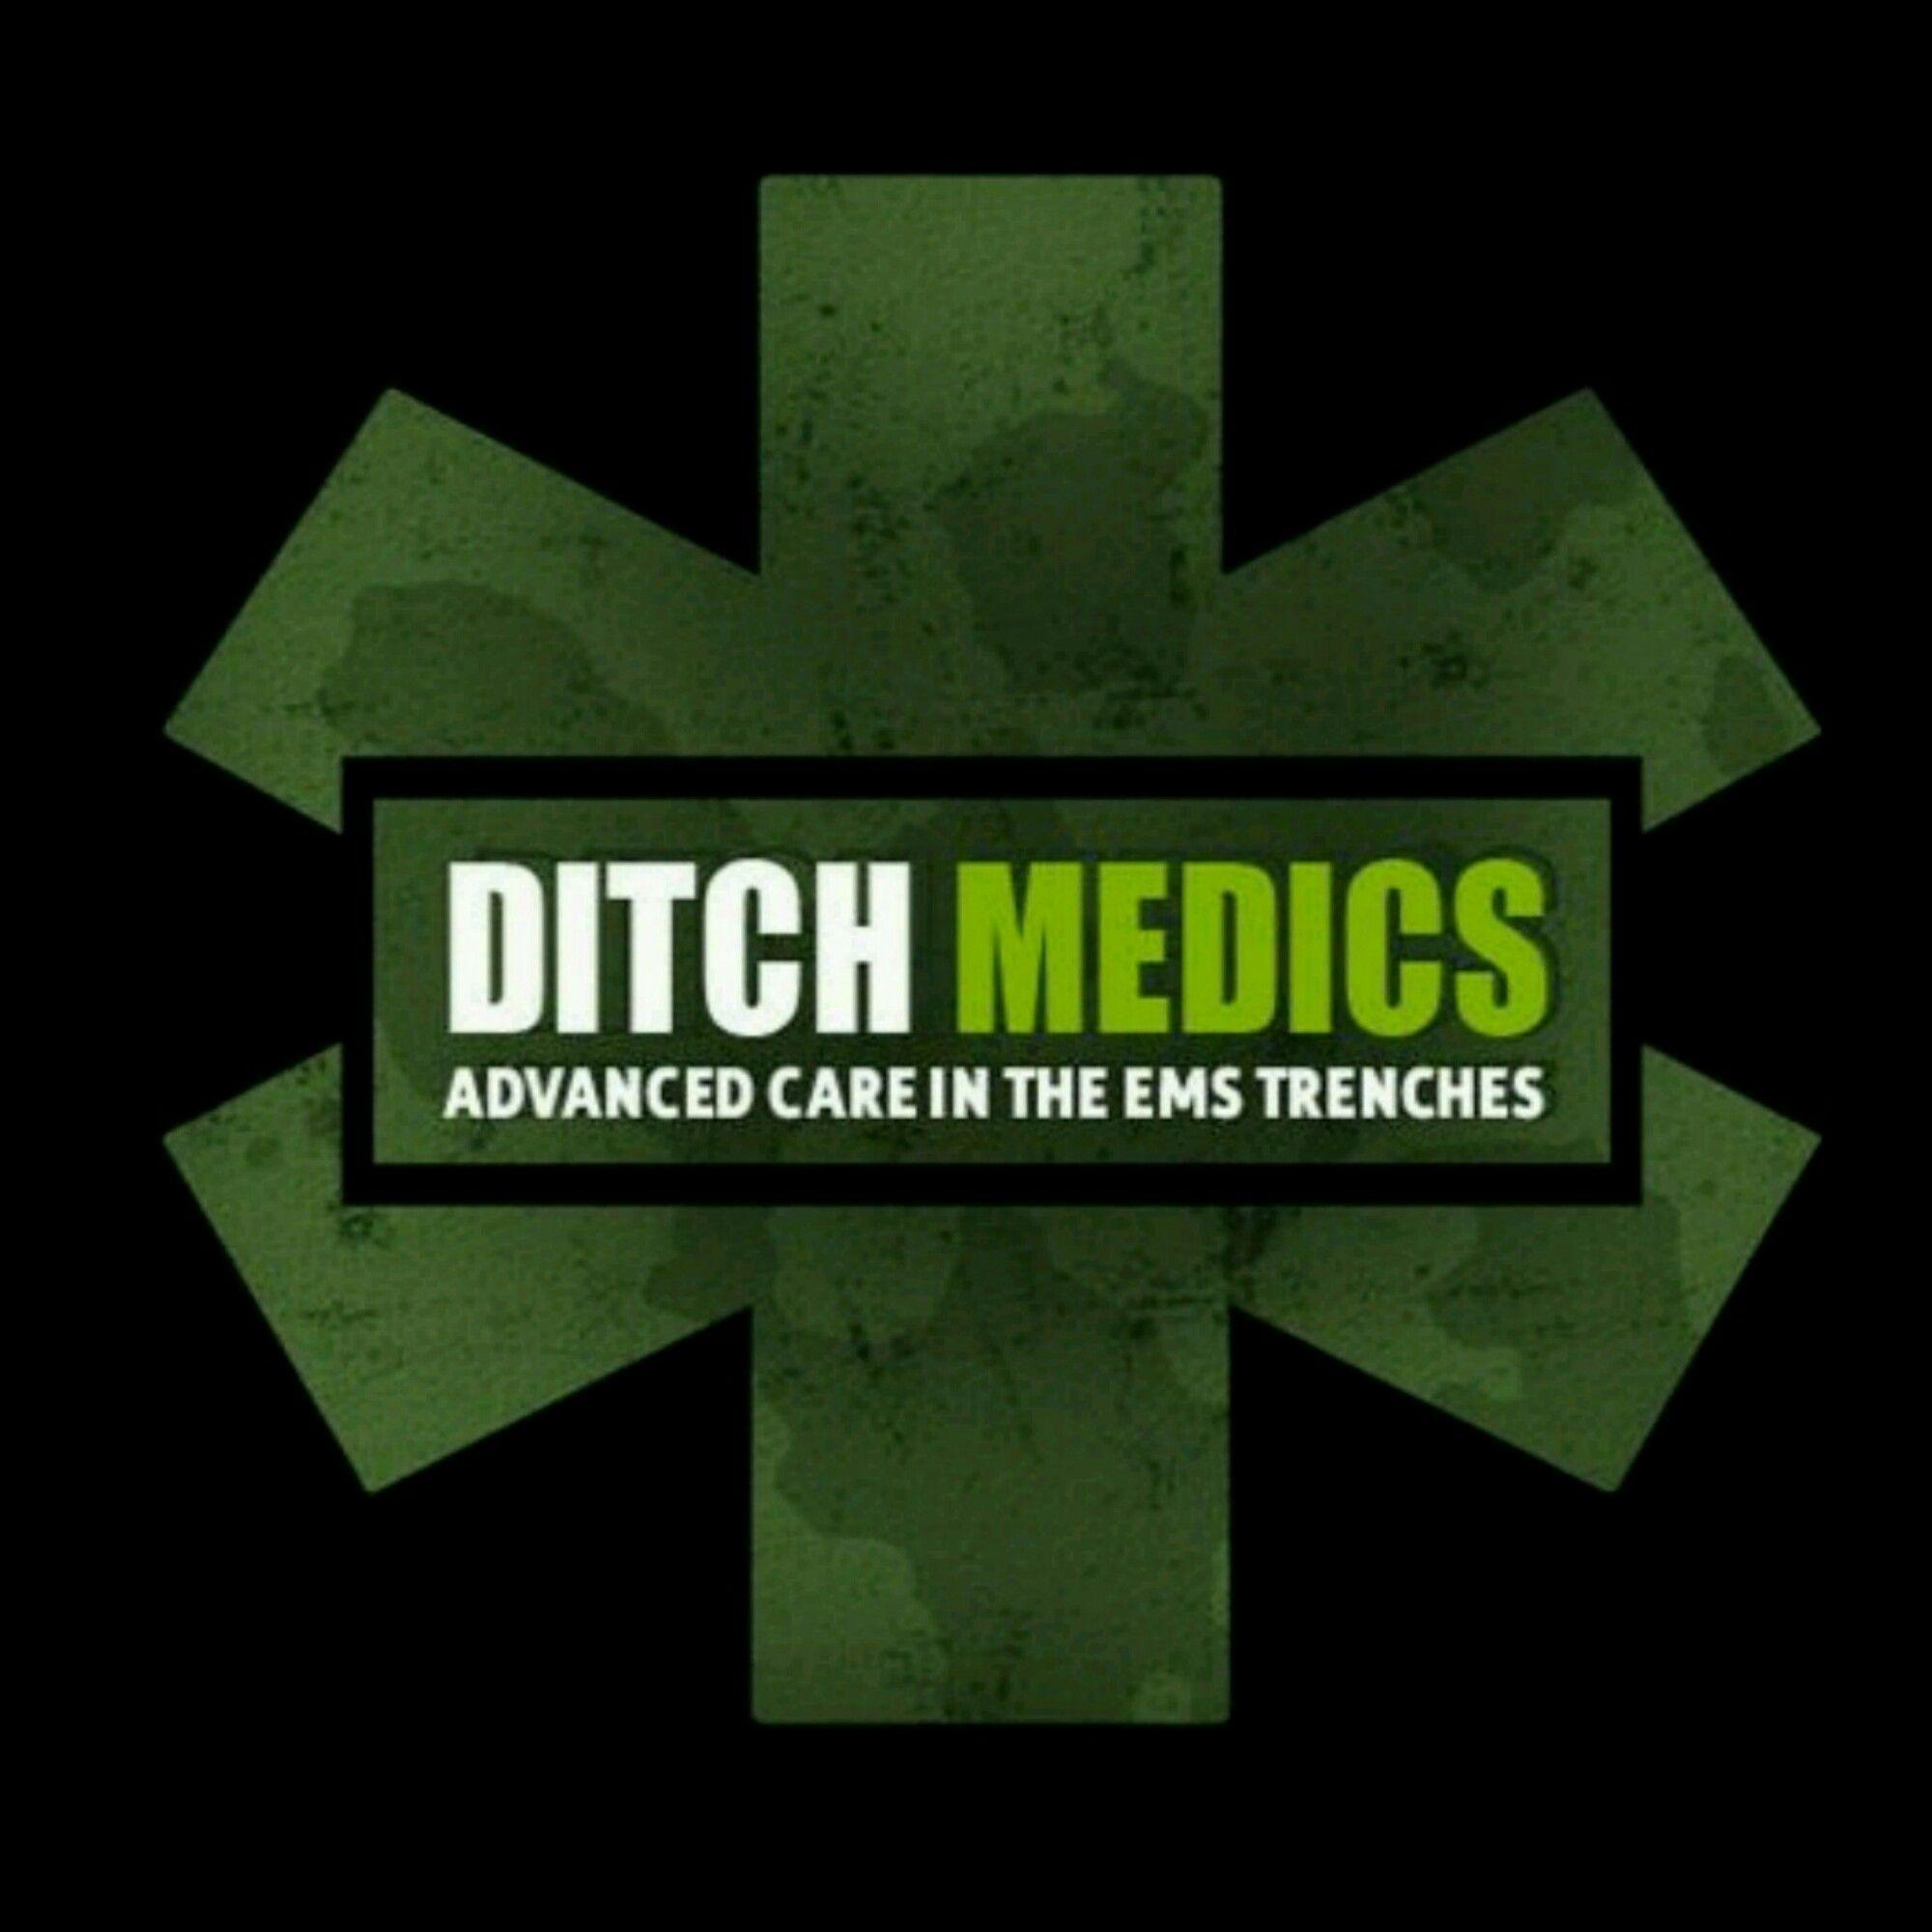 DitchMedics.com